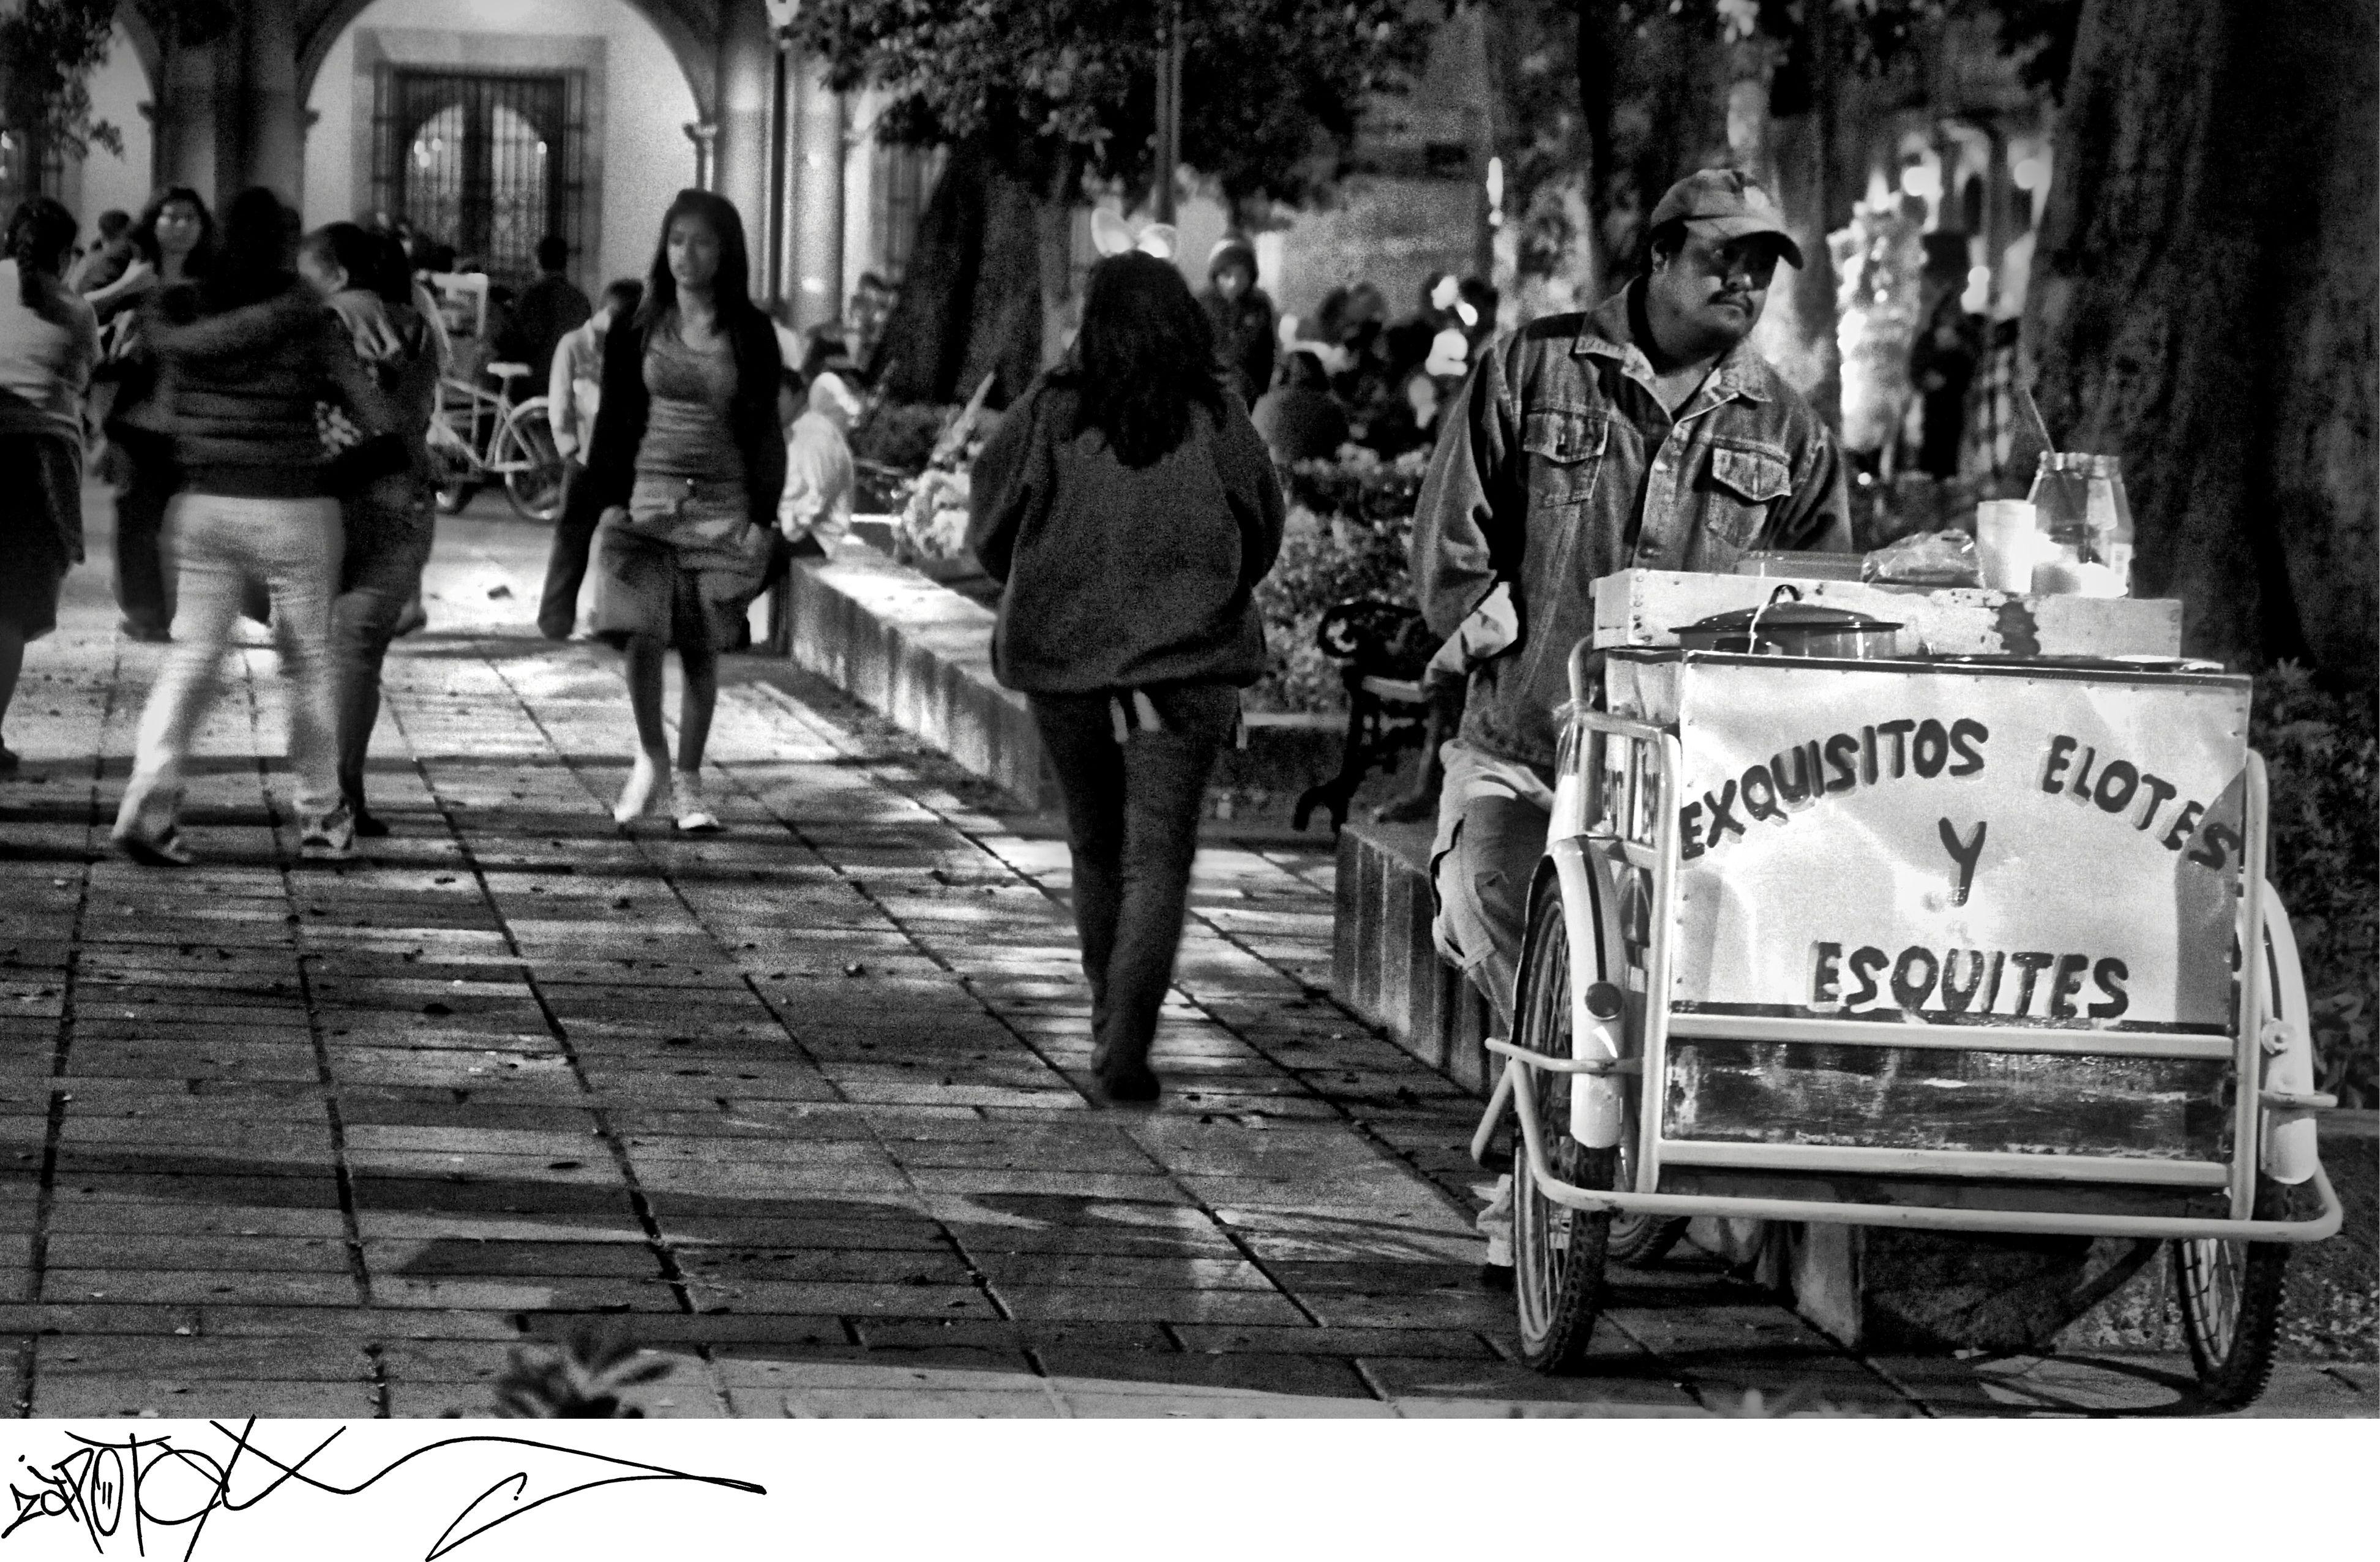 En el zocalo de #Oaxaca #Mexico